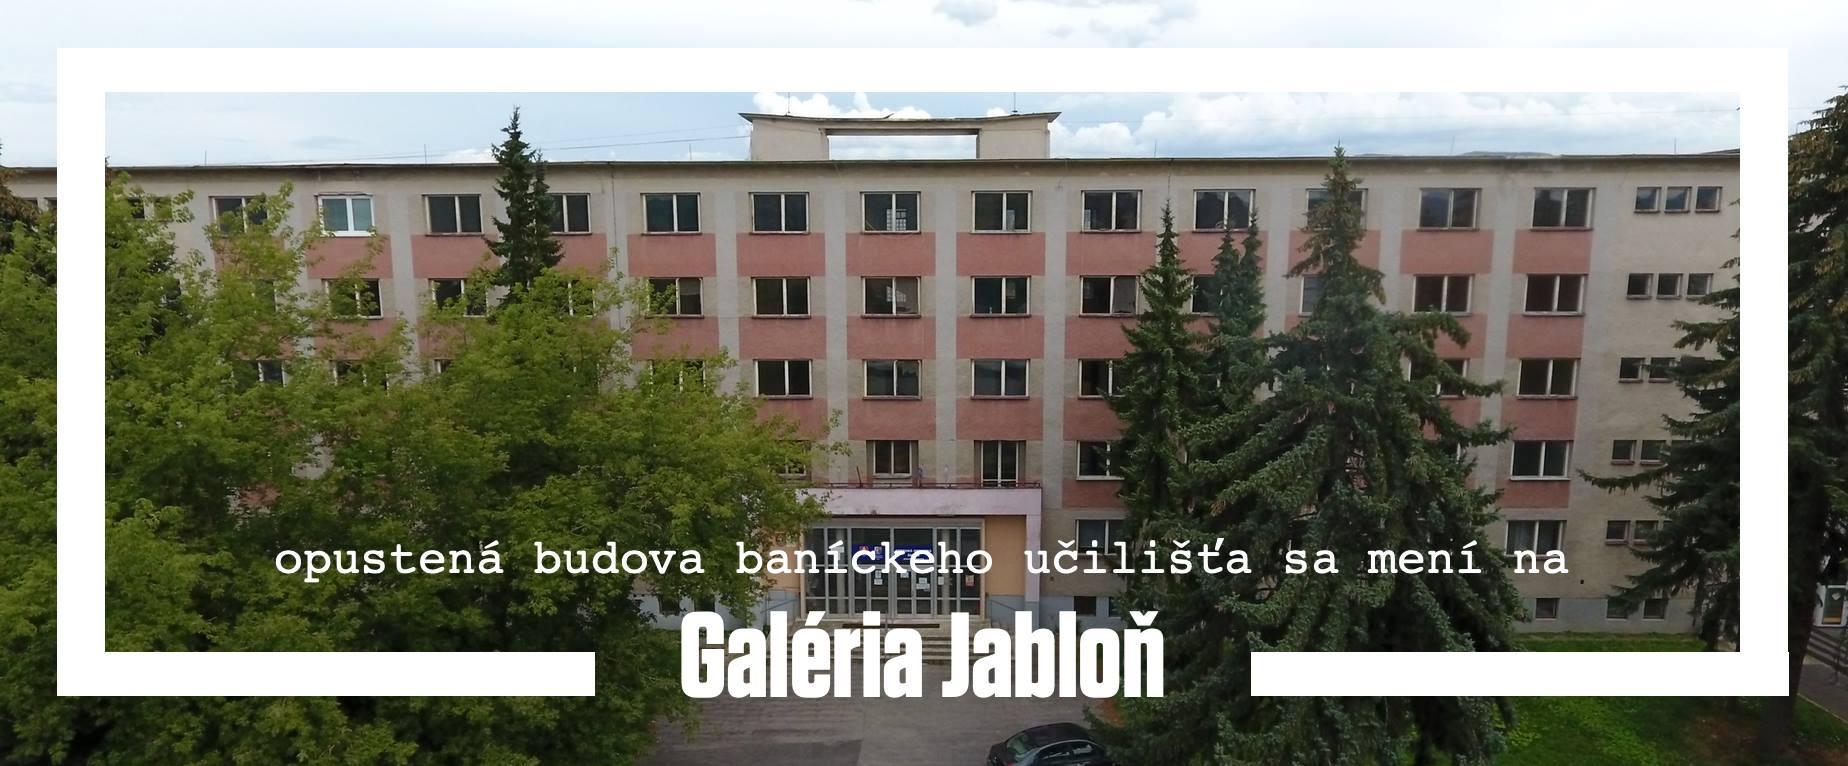 Galéria Jabloň - Prievidza